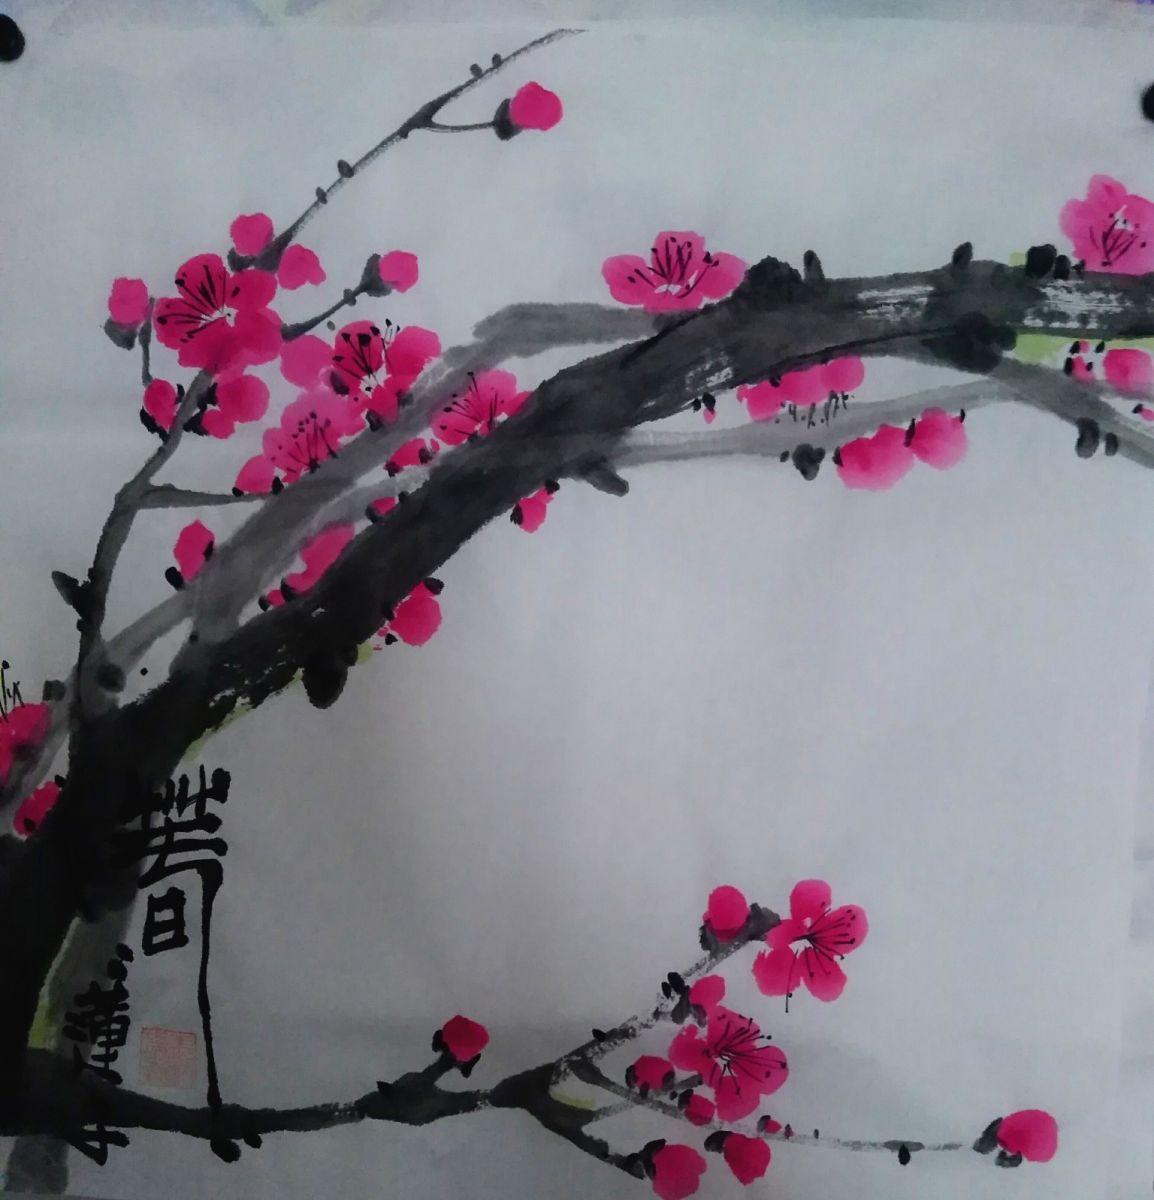 中国浪漫主义意象画派创始人张炳瑞香新作品《春》系列_图1-1